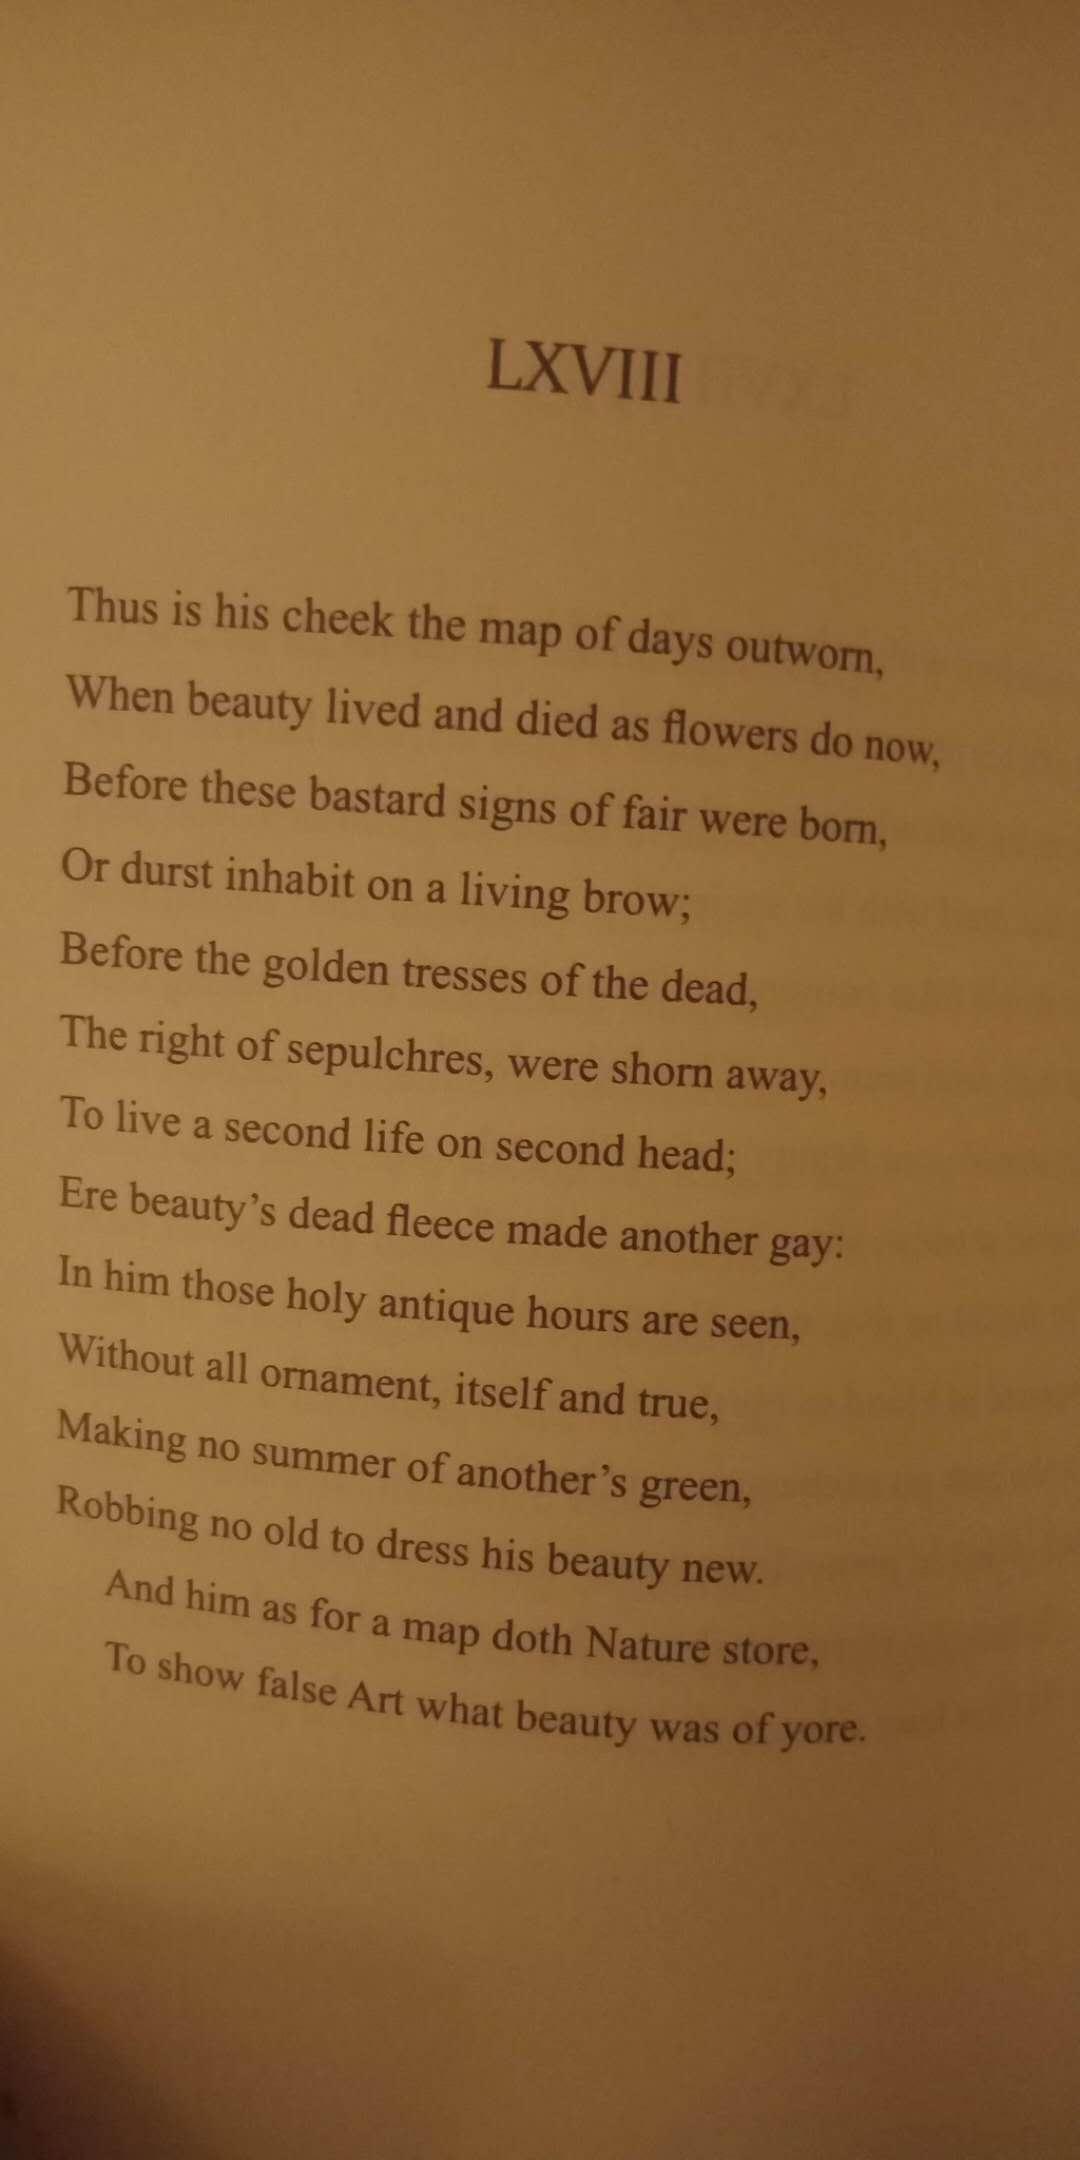 《莎士比亚的十四行诗(第68章)》